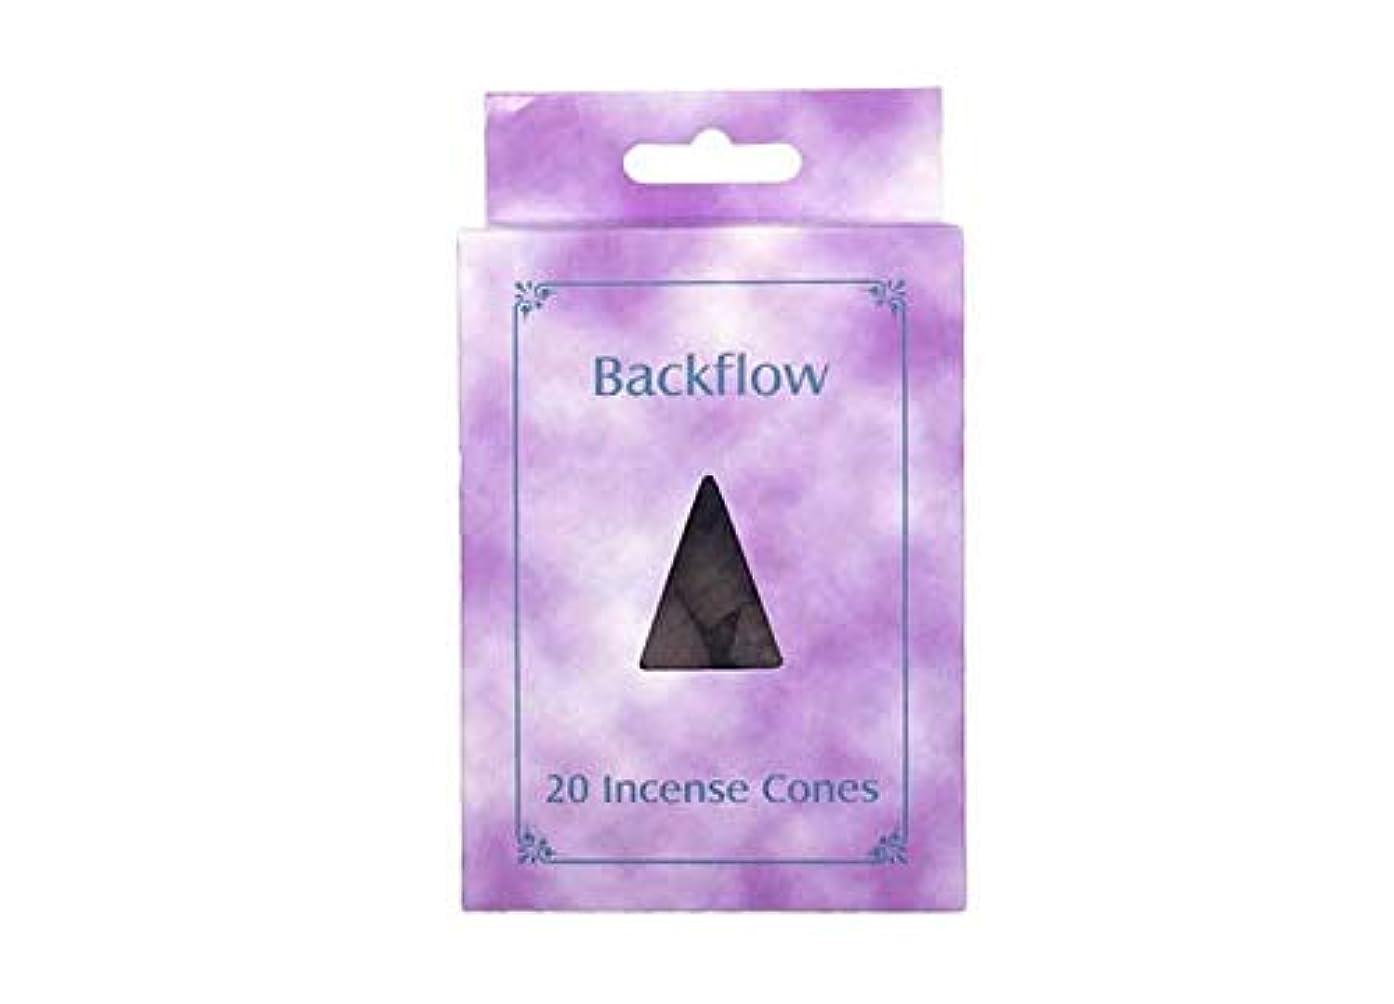 脊椎アンプ文明化お香 逆流コーン 逆流香 20p サンダルウッド Backflow Incense Cones 20p Sandalwood